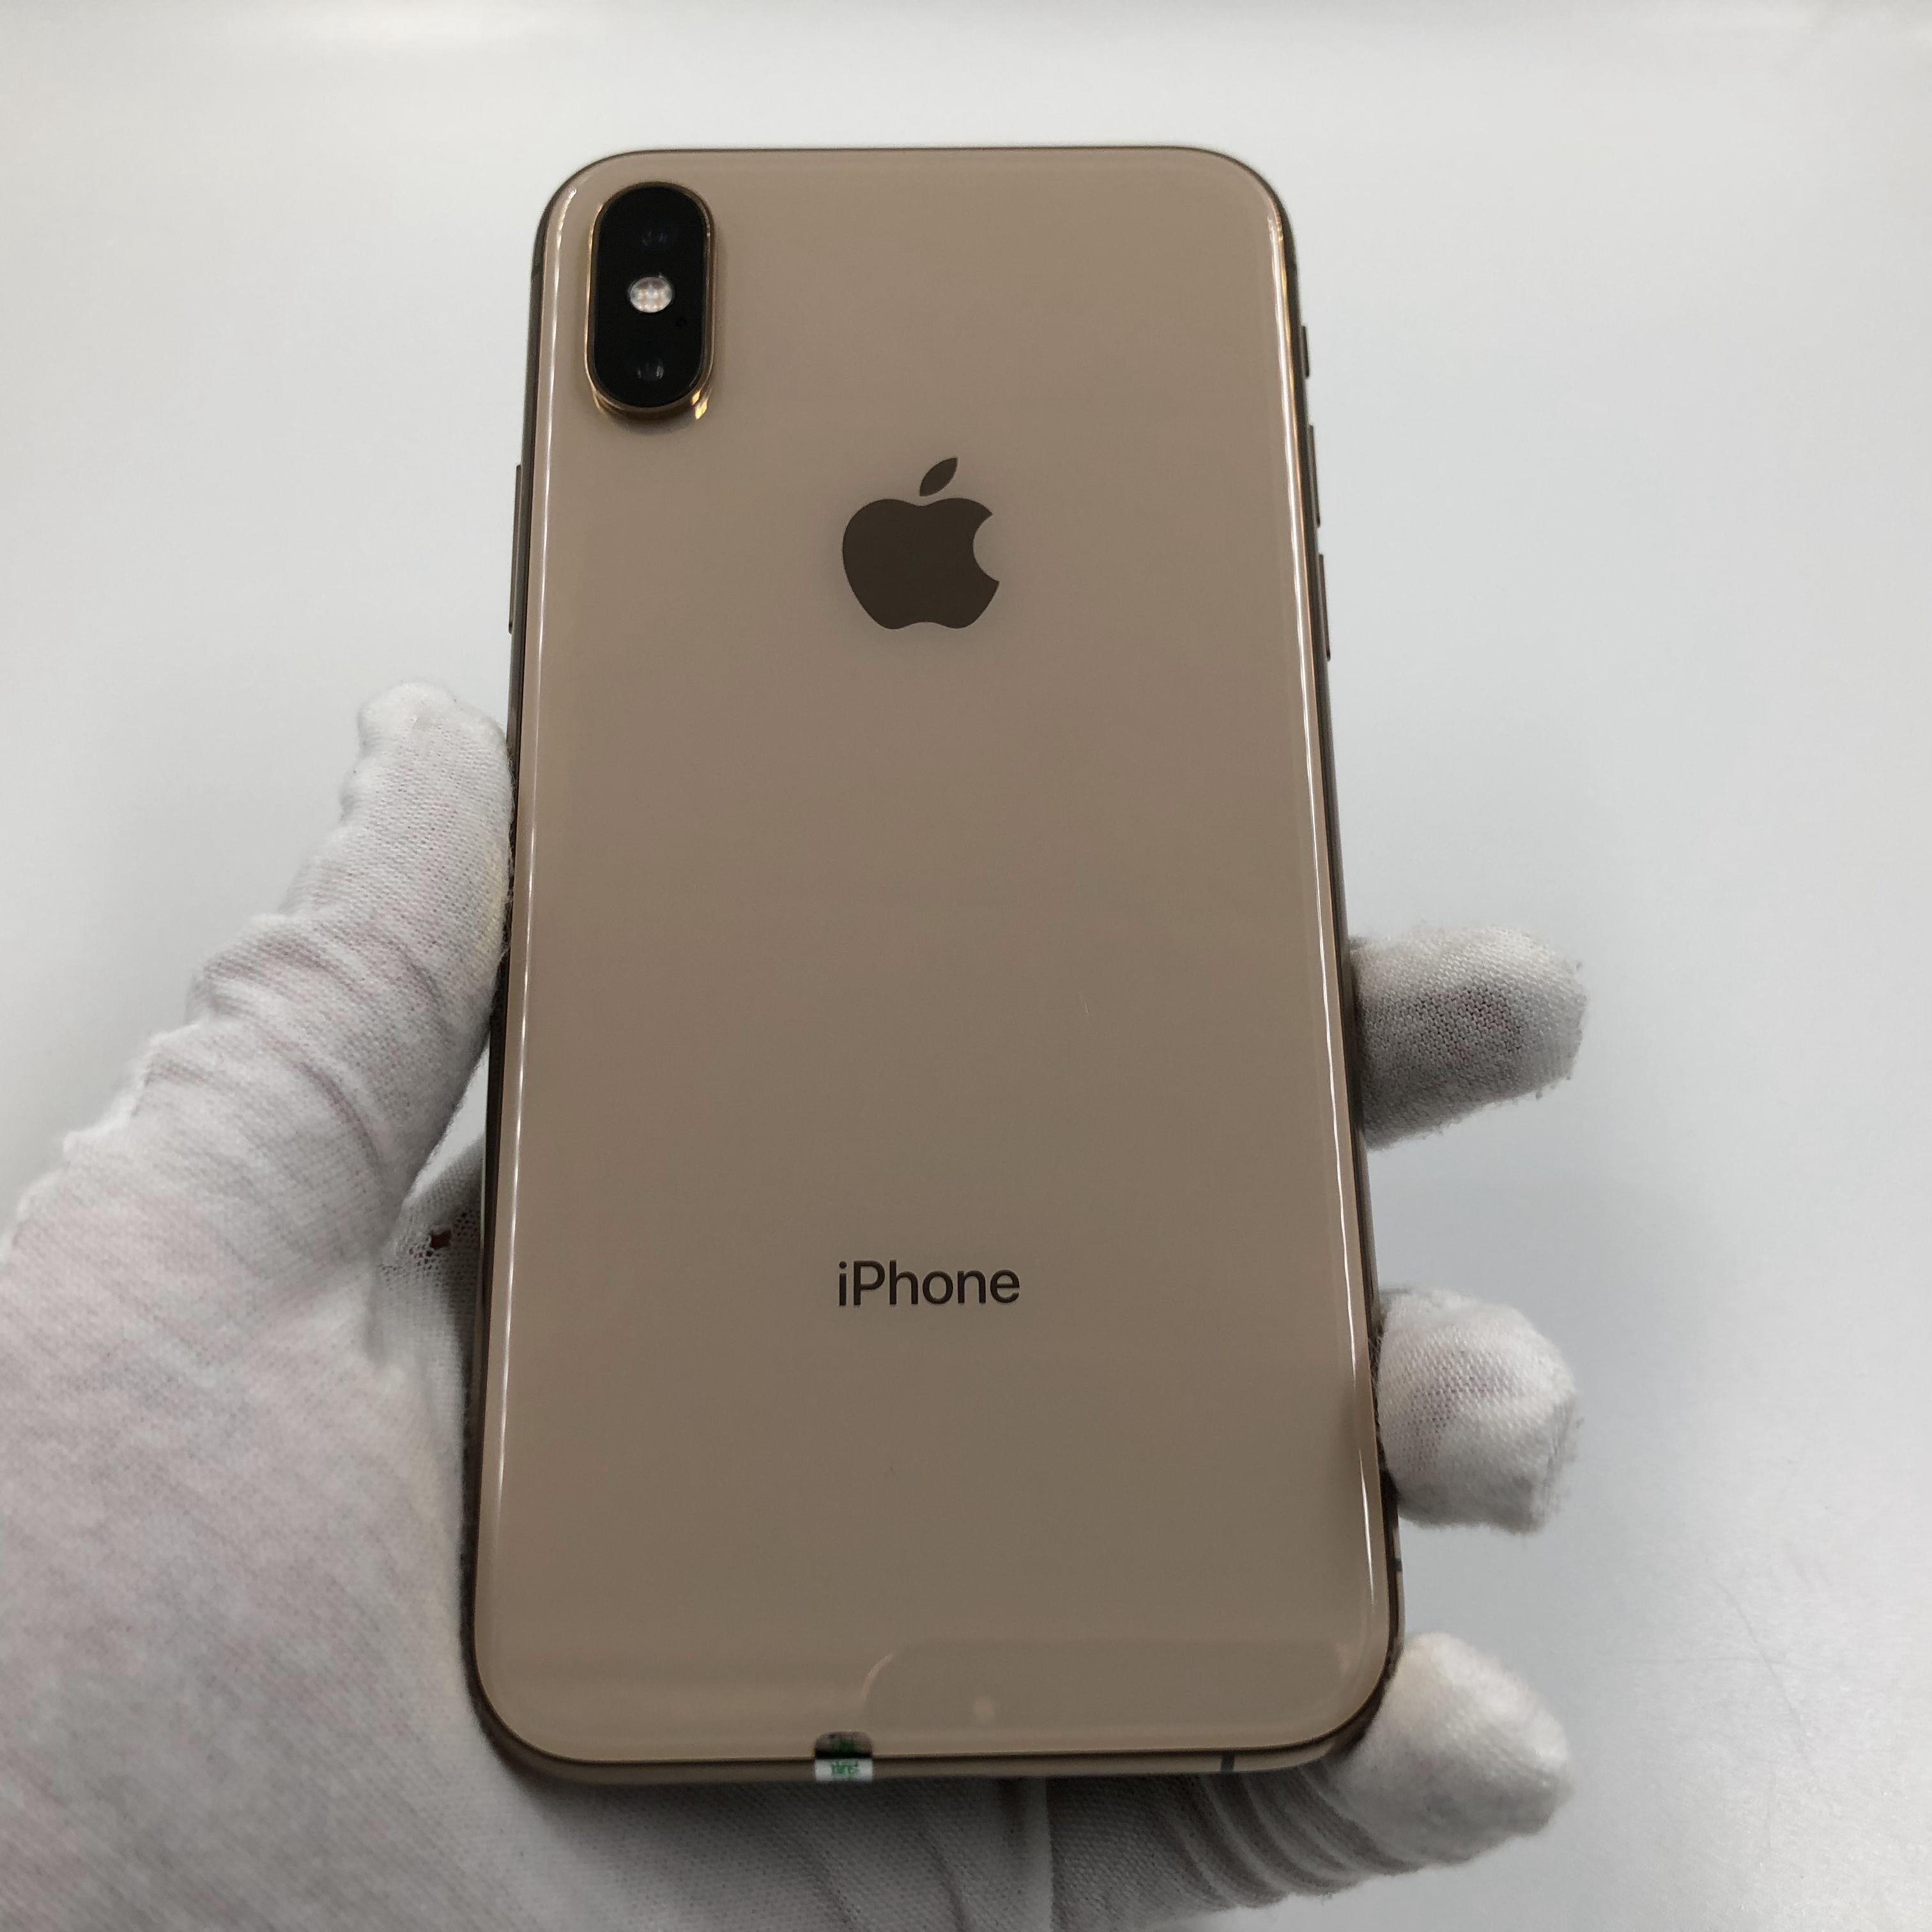 苹果【iPhone Xs】4G全网通 金色 256G 国行 8成新 真机实拍